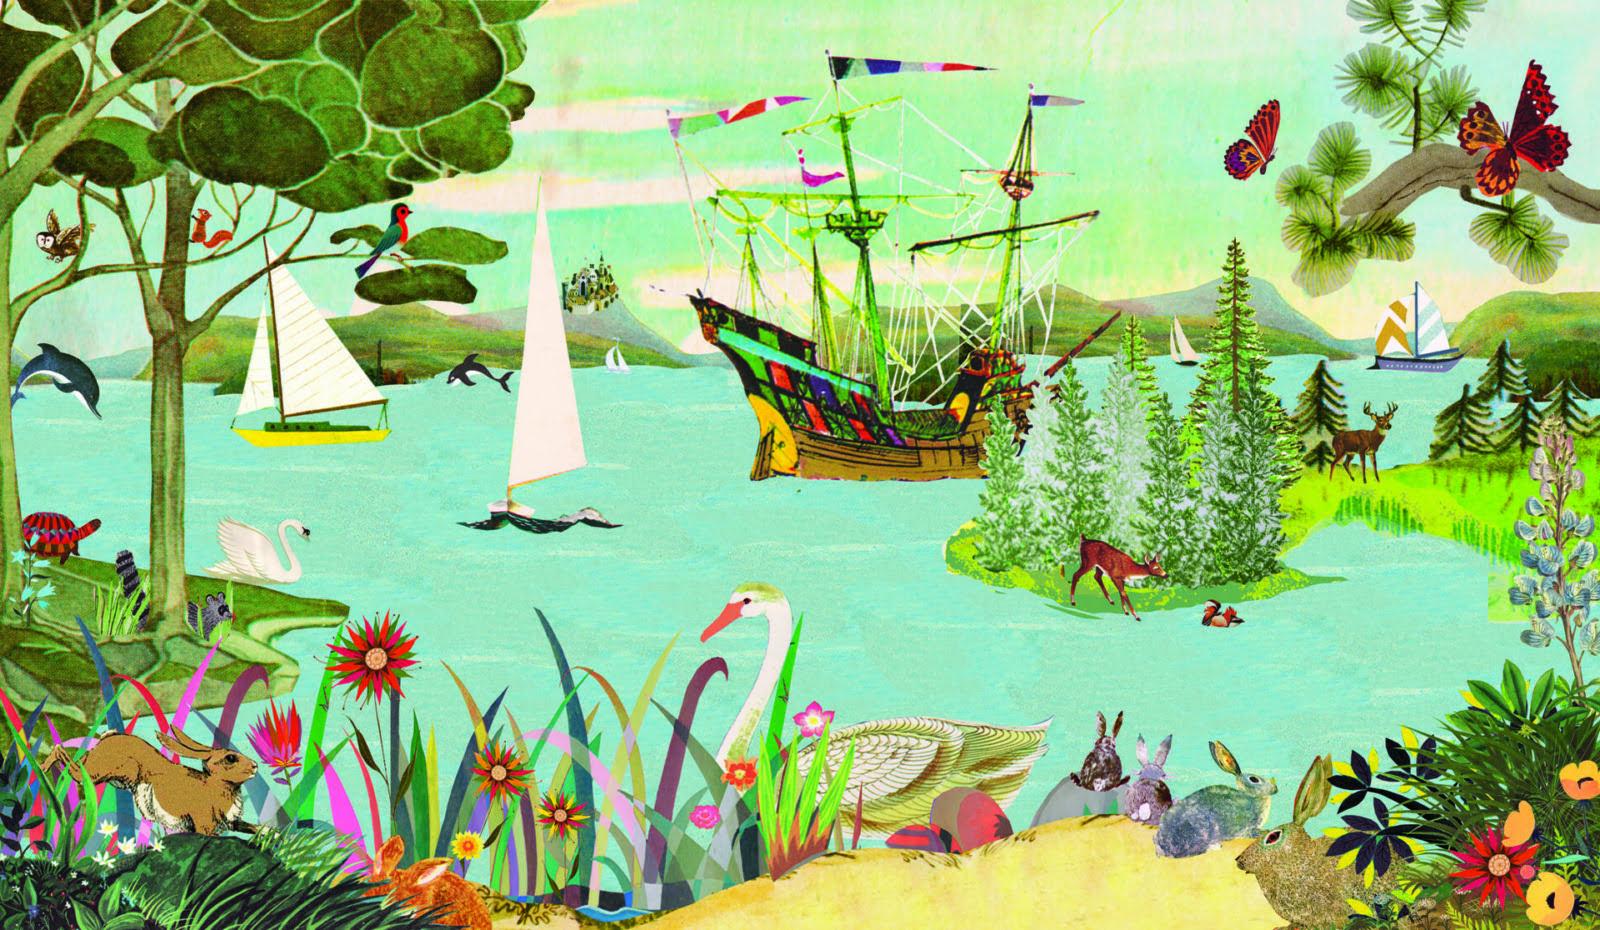 stokke tripp Trapp grootzus ridders bootjes zeilboten bloemen meer rivier zee natuur stijl illustratie collage dieren mooi sfeervol nostalgisch nostalgie vogels bomen natuur insecten beestjes actie win actie eenmalig one of a kind collectors item